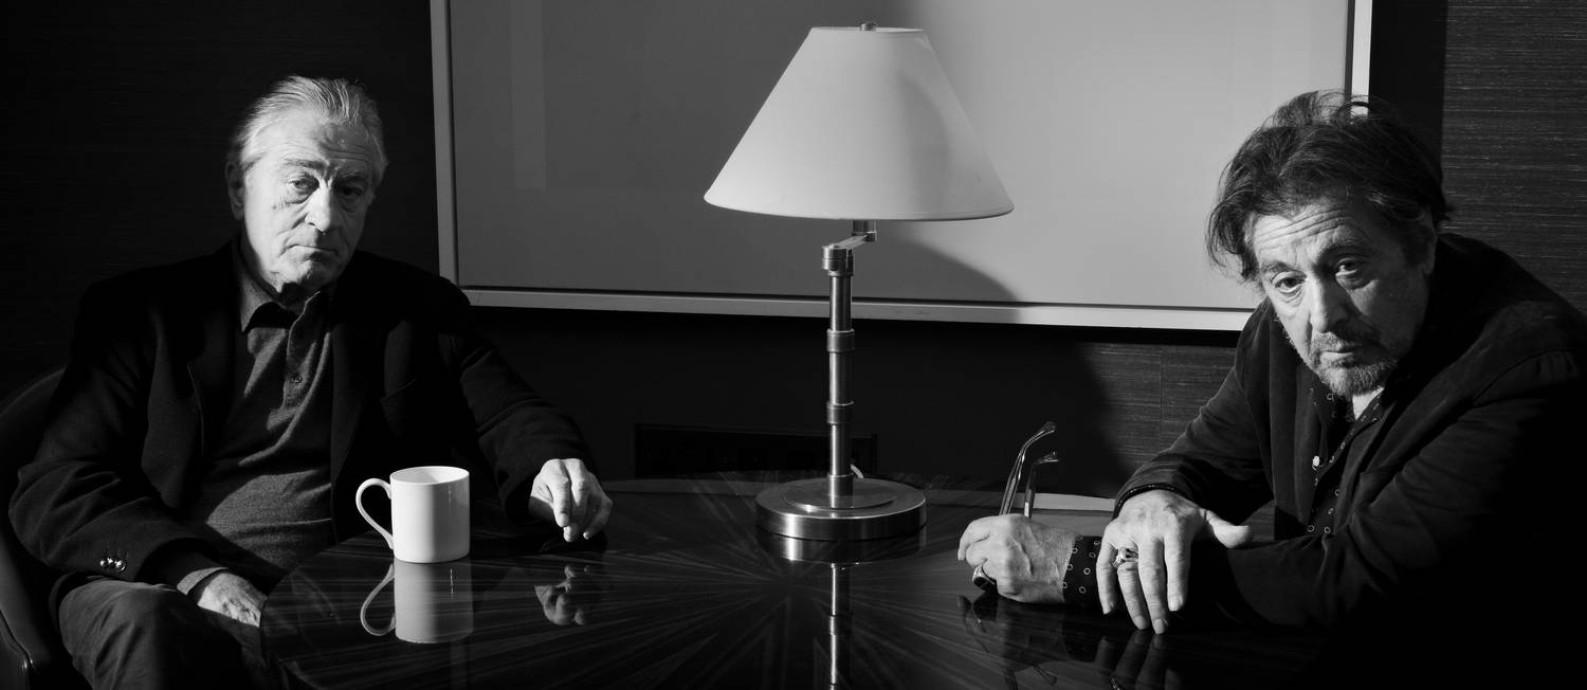 Robert De Niro e Al Pacino em Londres. Atores estão juntos em 'O irlandês', de Scorsese Foto: PHILIP MONTGOMERY / NYT